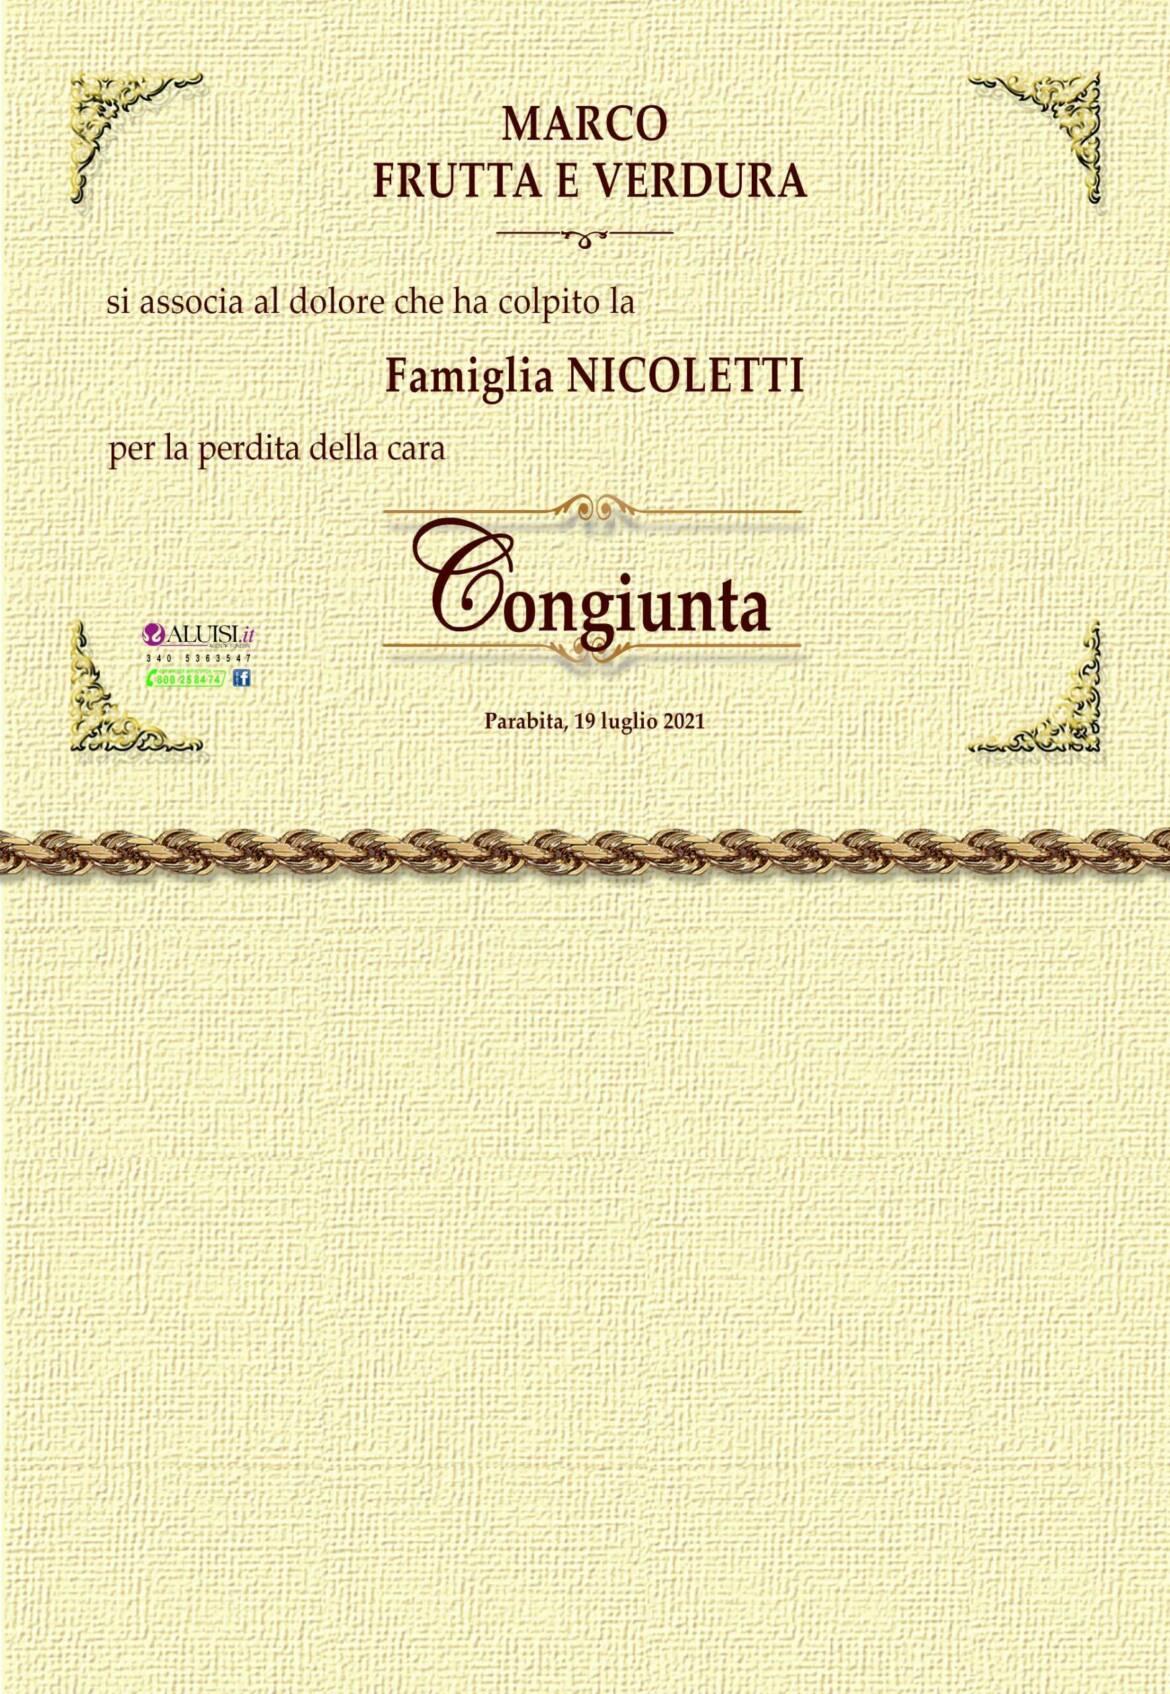 partecipazioni-ANTONIA-UNGARO-PARABITA-6-scaled.jpg